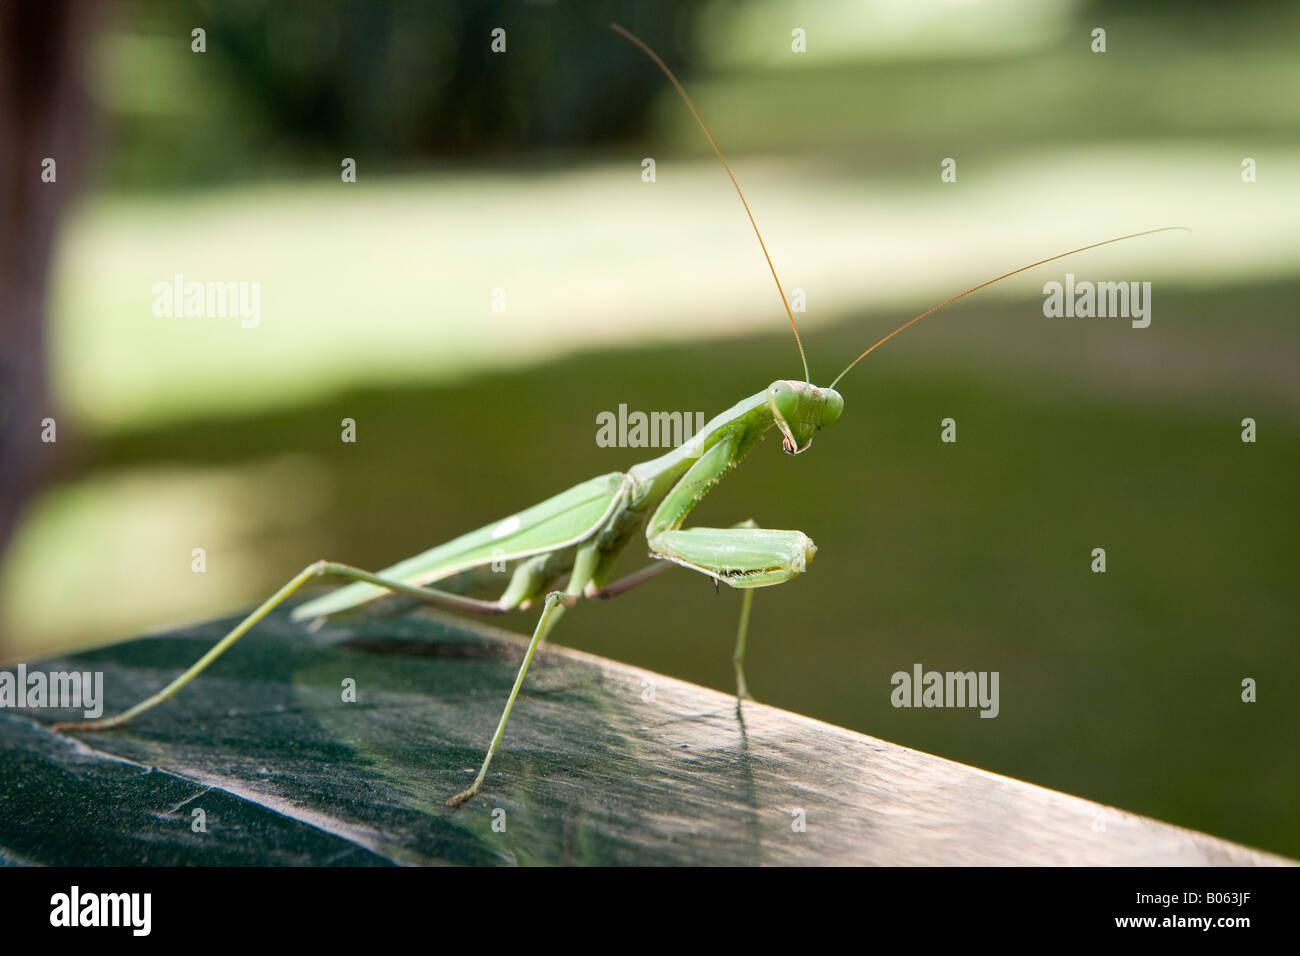 Gottesanbeterin-stalking-Opfer Stockbild